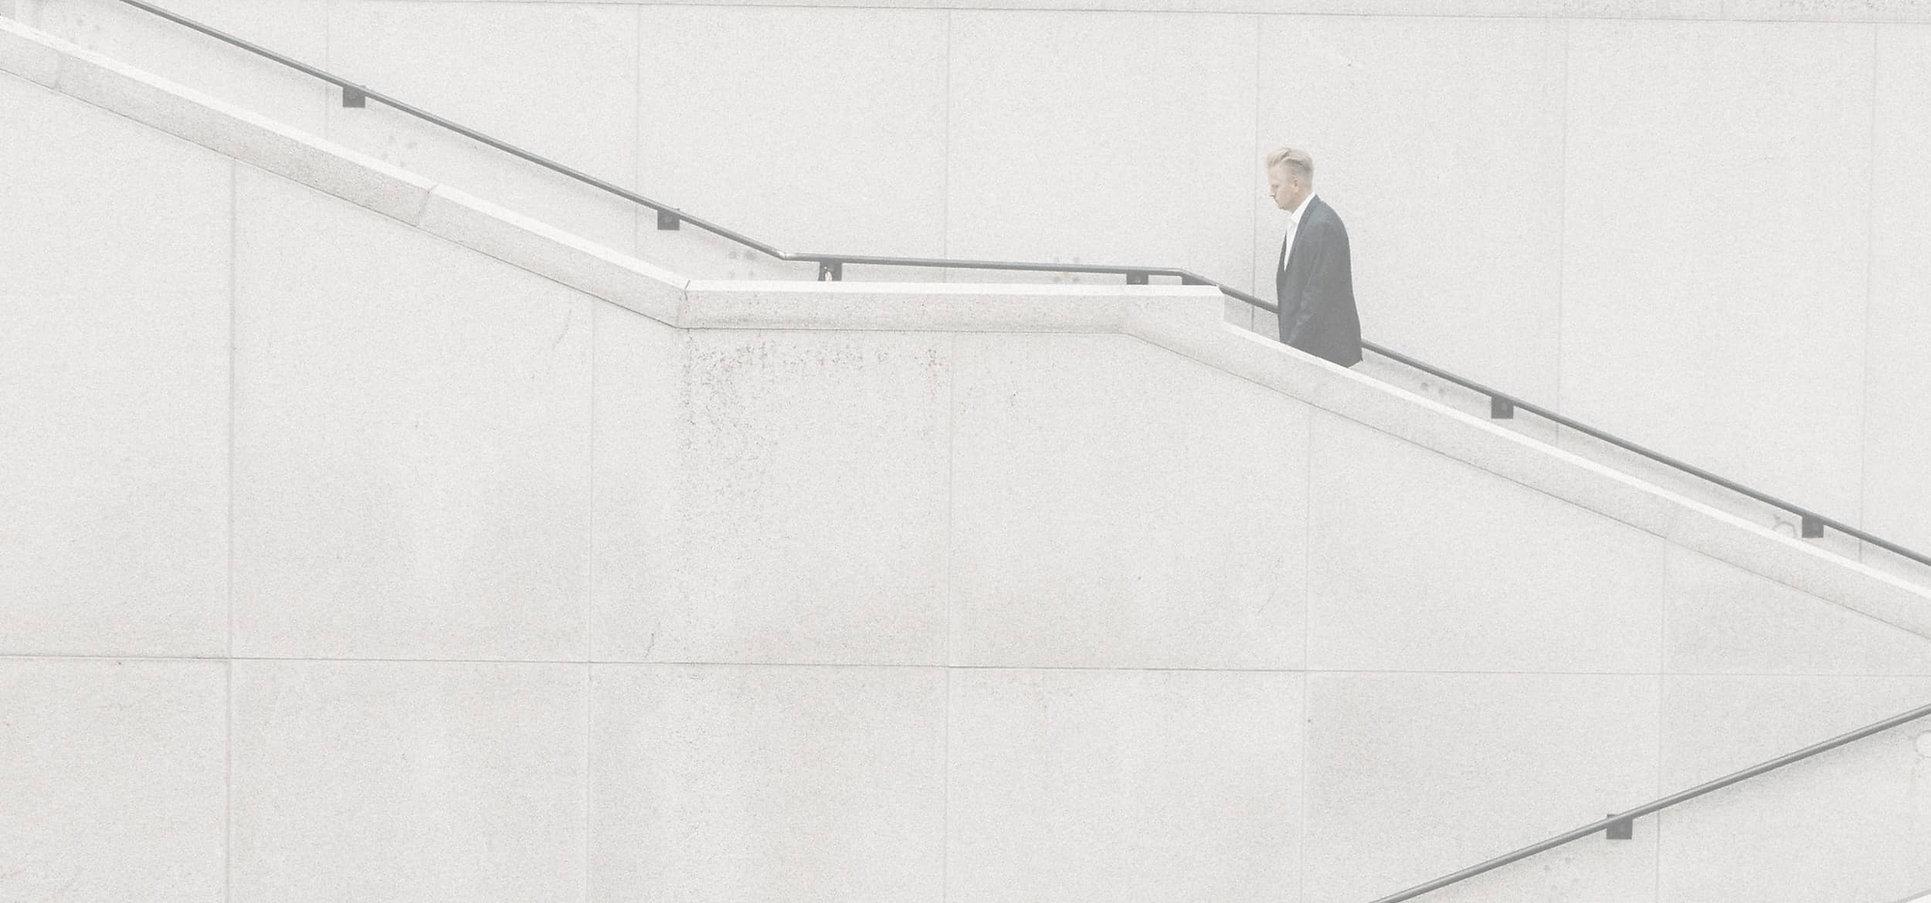 Stairs - 0a (1).jpg